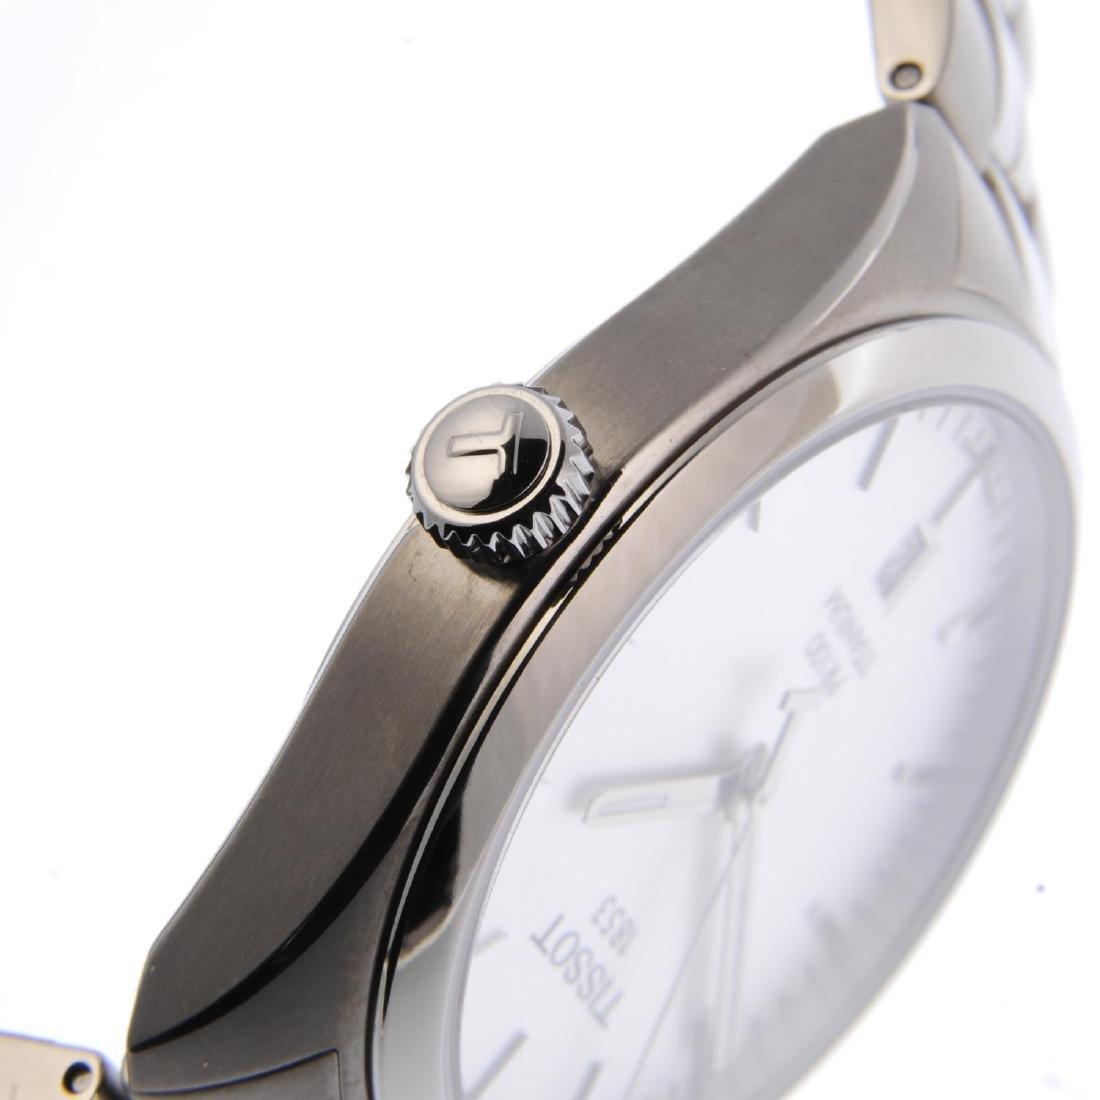 CURRENT MODEL: TISSOT - a gentleman's PR100 bracelet - 3